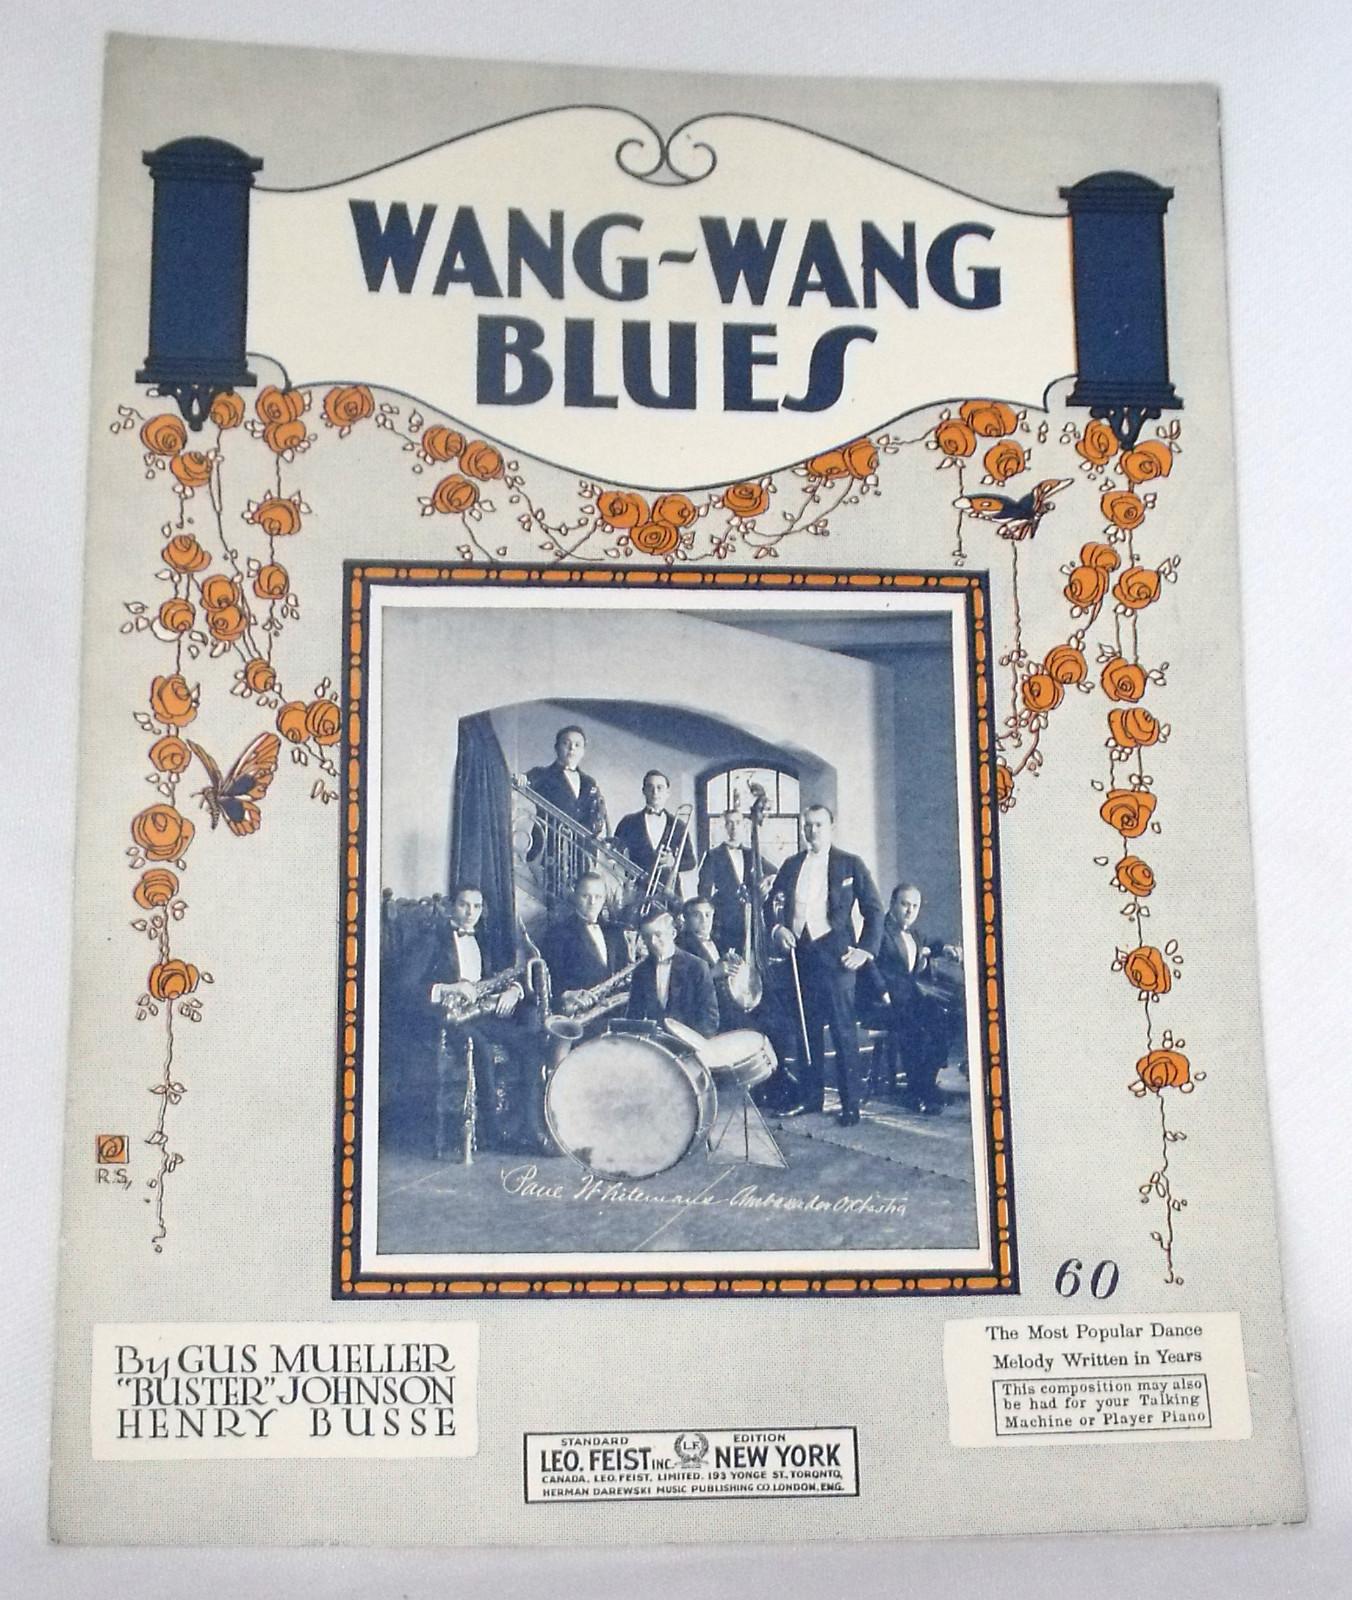 Wang_Wang_Blues_Paul_Whiteman_sheet_music_1921